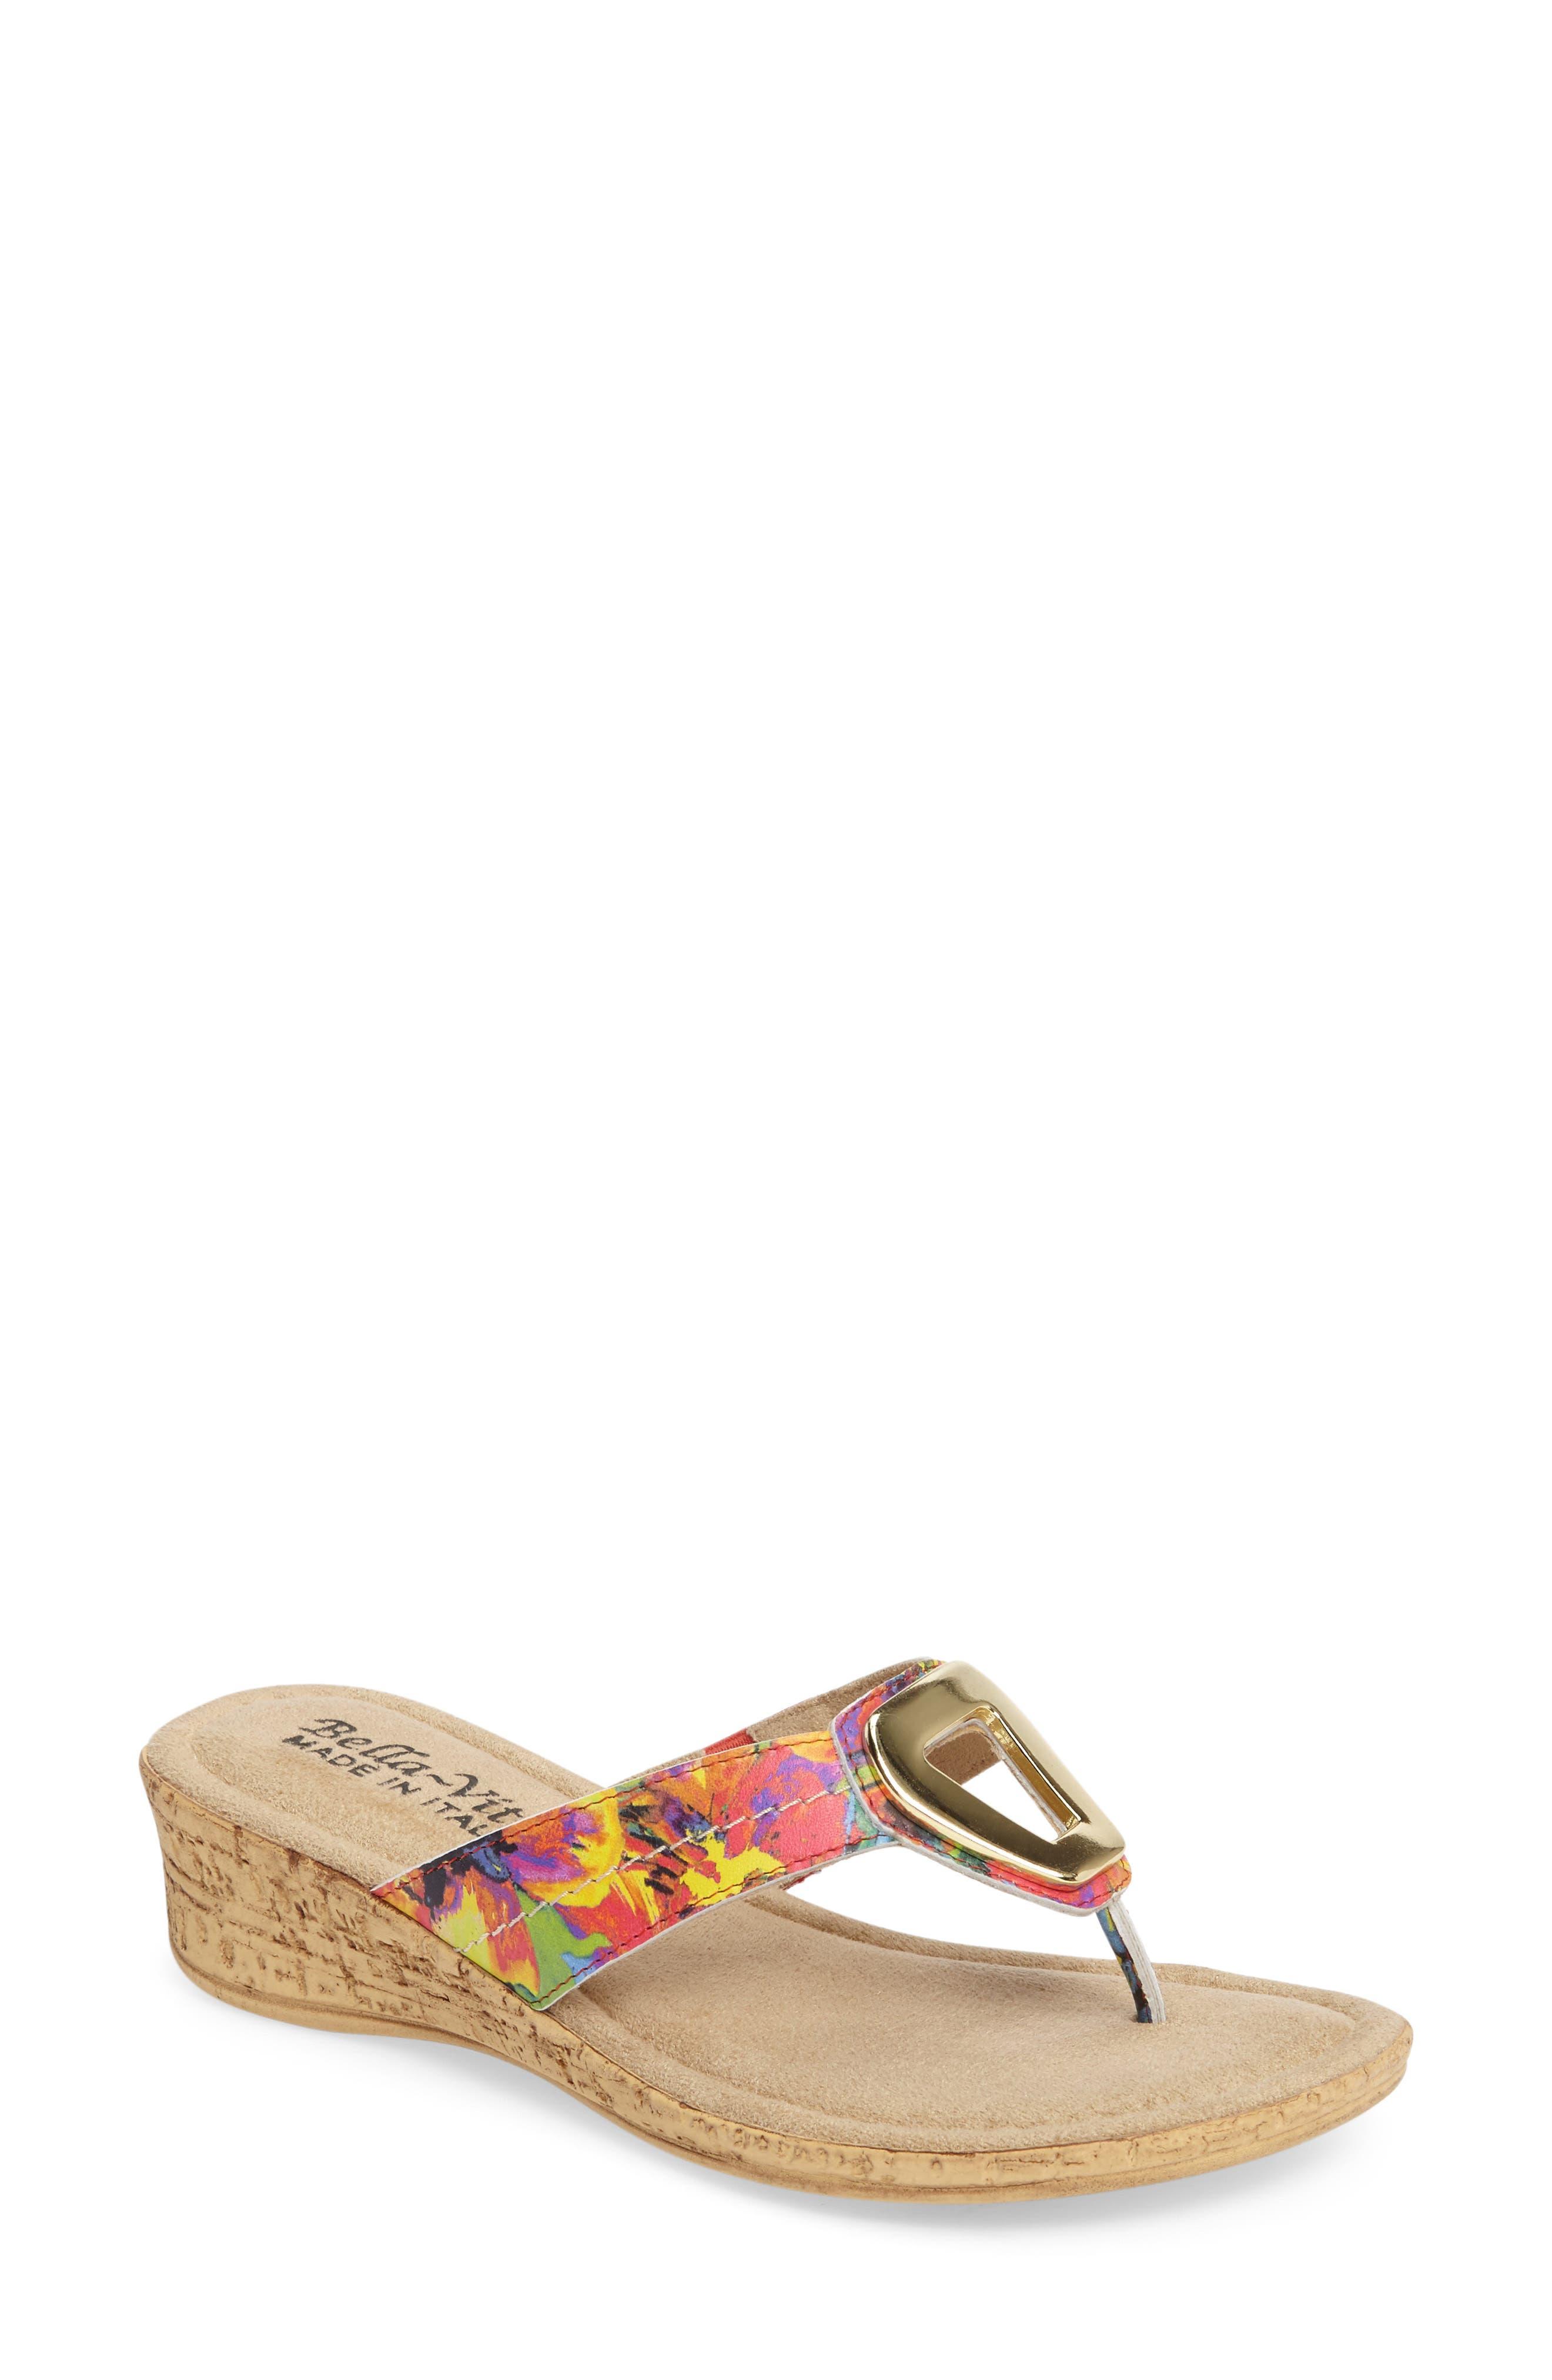 Lou Sandal,                             Main thumbnail 1, color,                             Floral Leather